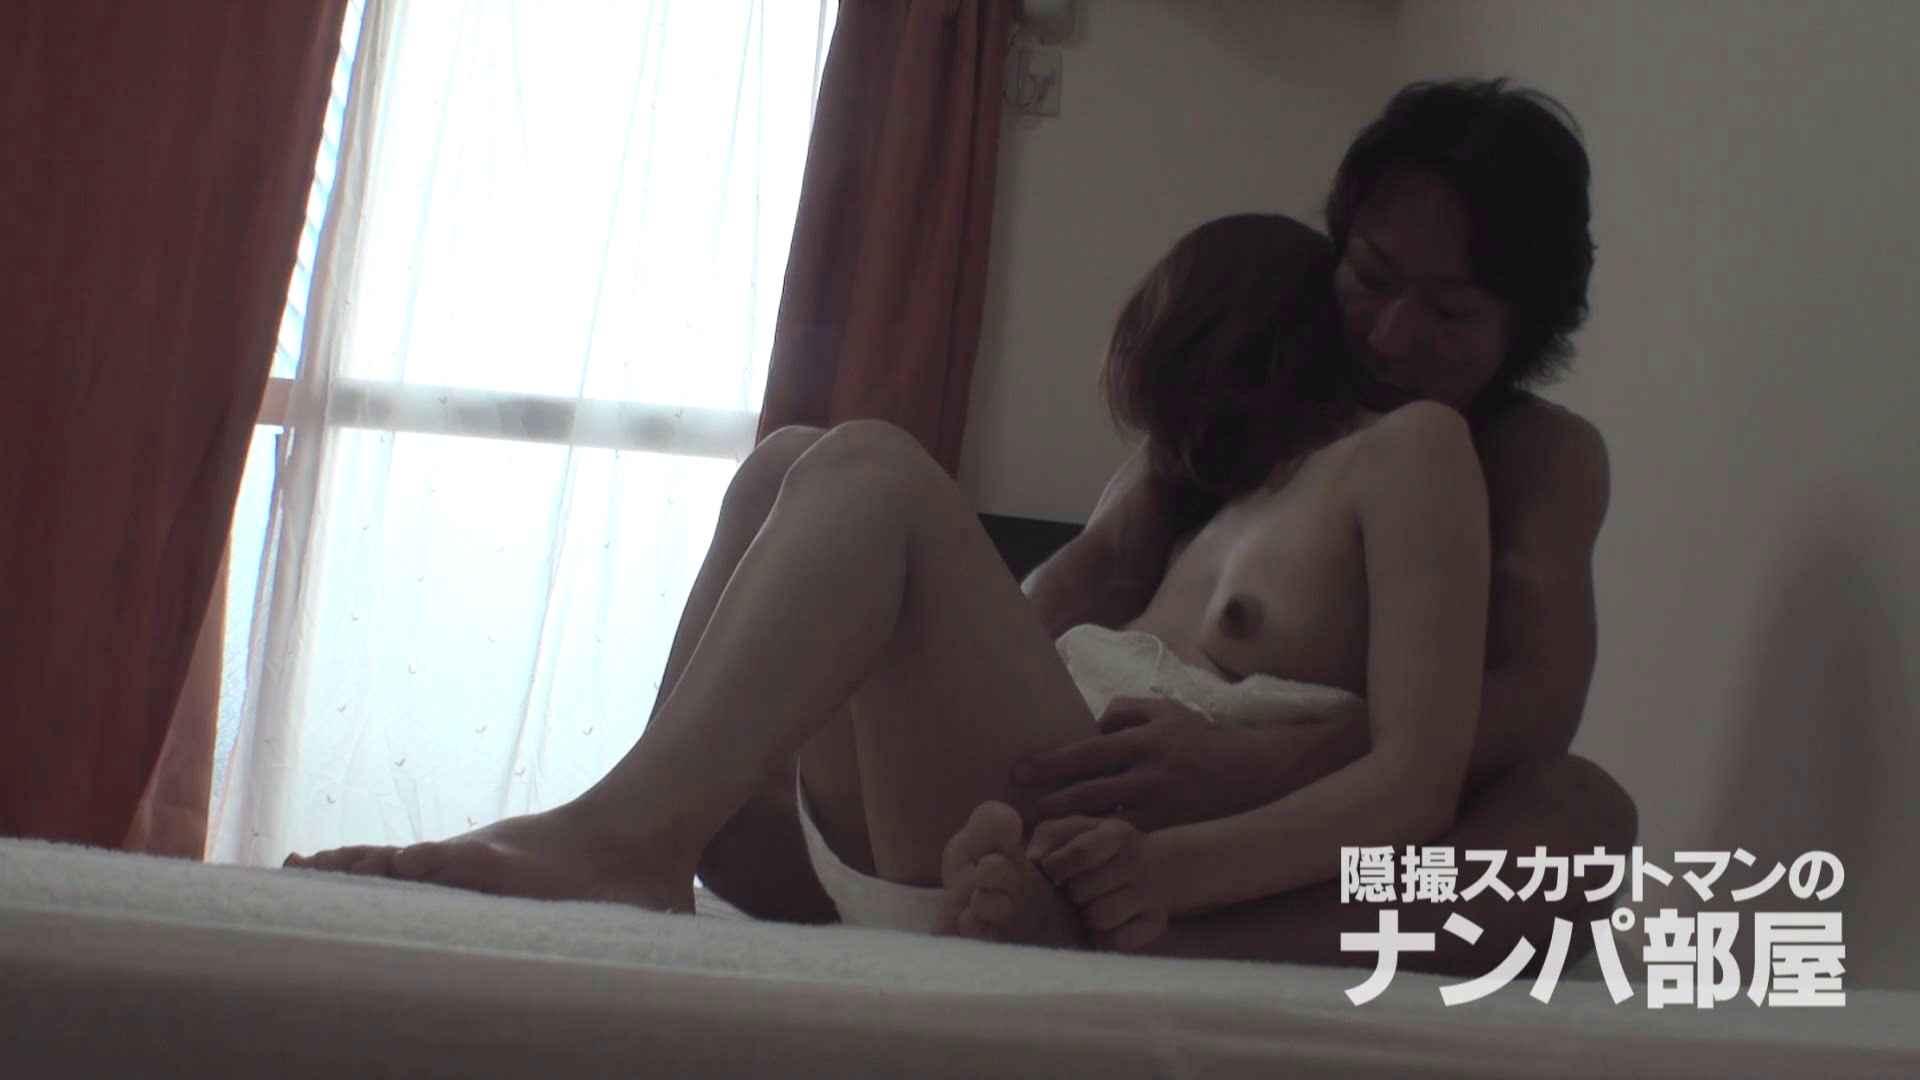 隠撮スカウトマンのナンパ部屋~風俗デビュー前のつまみ食い~ sii 脱衣所  100連発 75